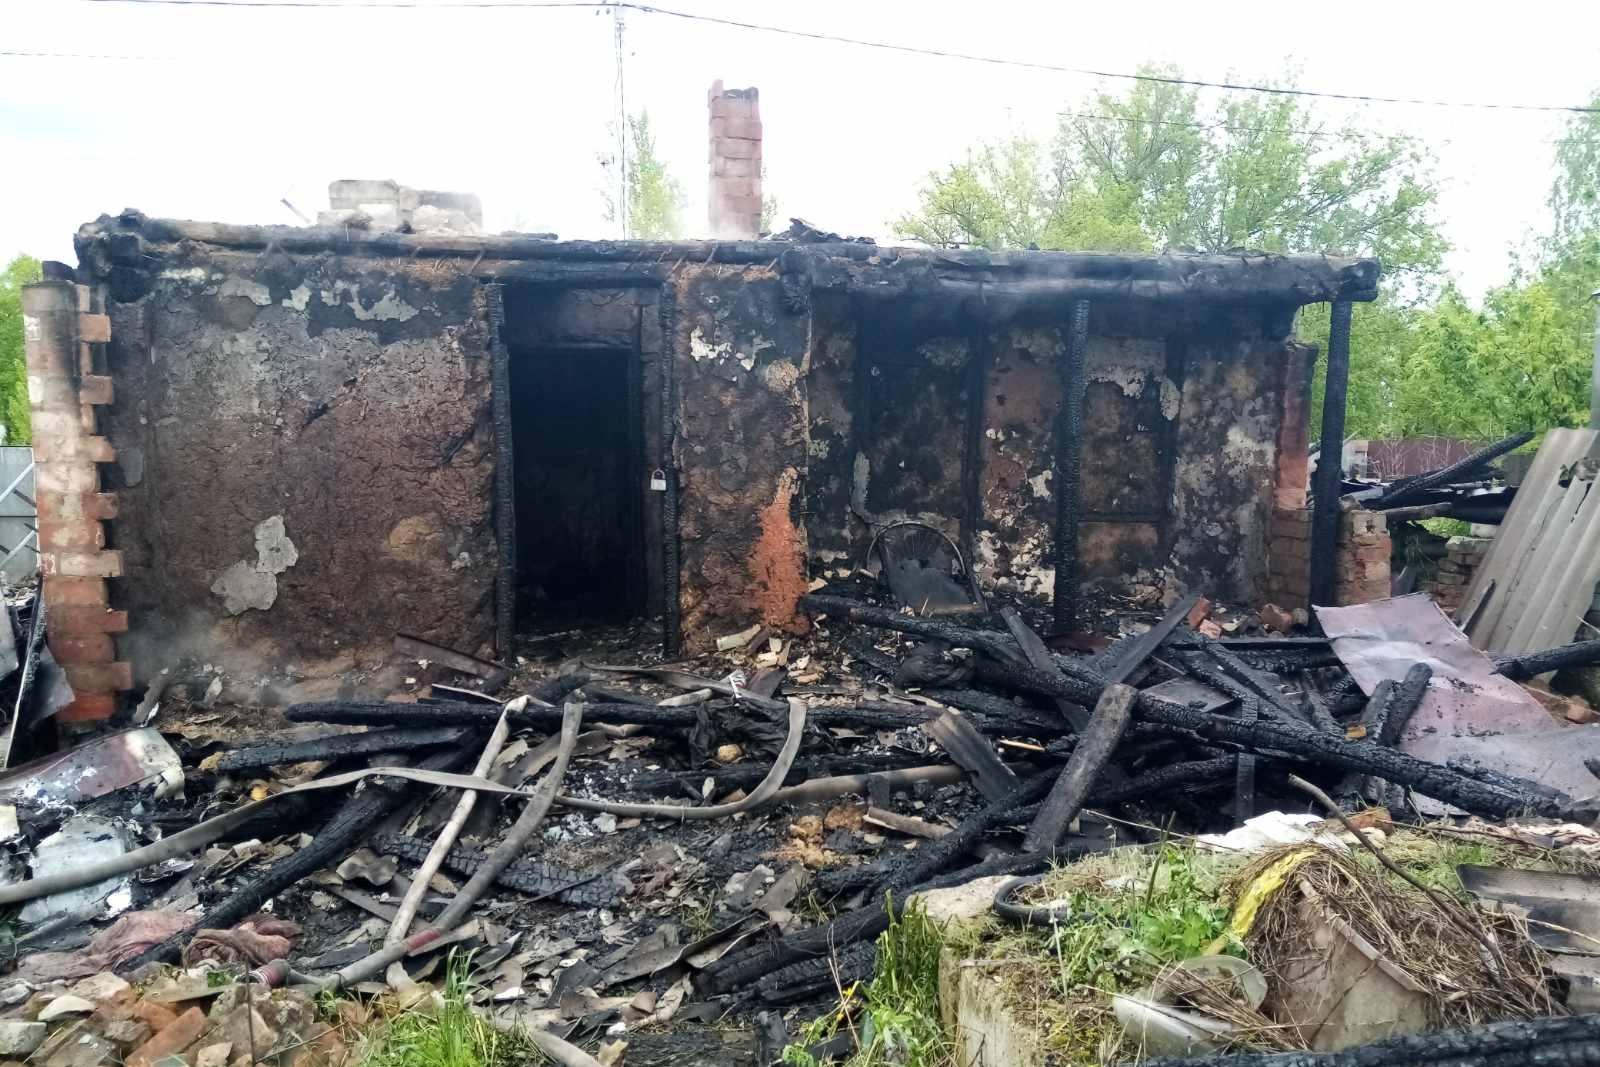 На Харьковщине сгорел частный дом с верандой (фото)